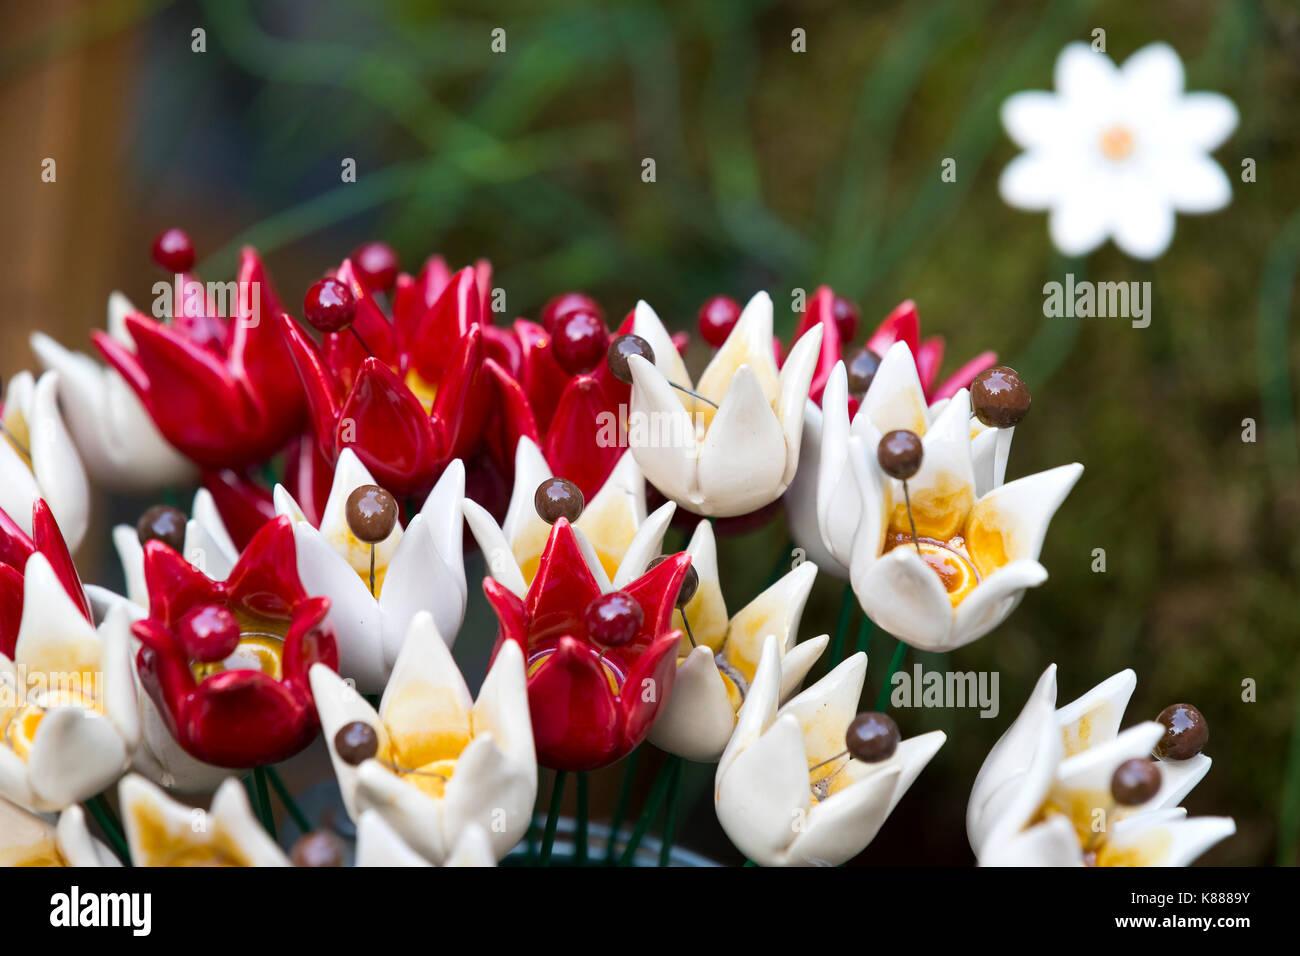 Traditionelle Ungarische Keramik Blumen In Gärten Und Blumentöpfe